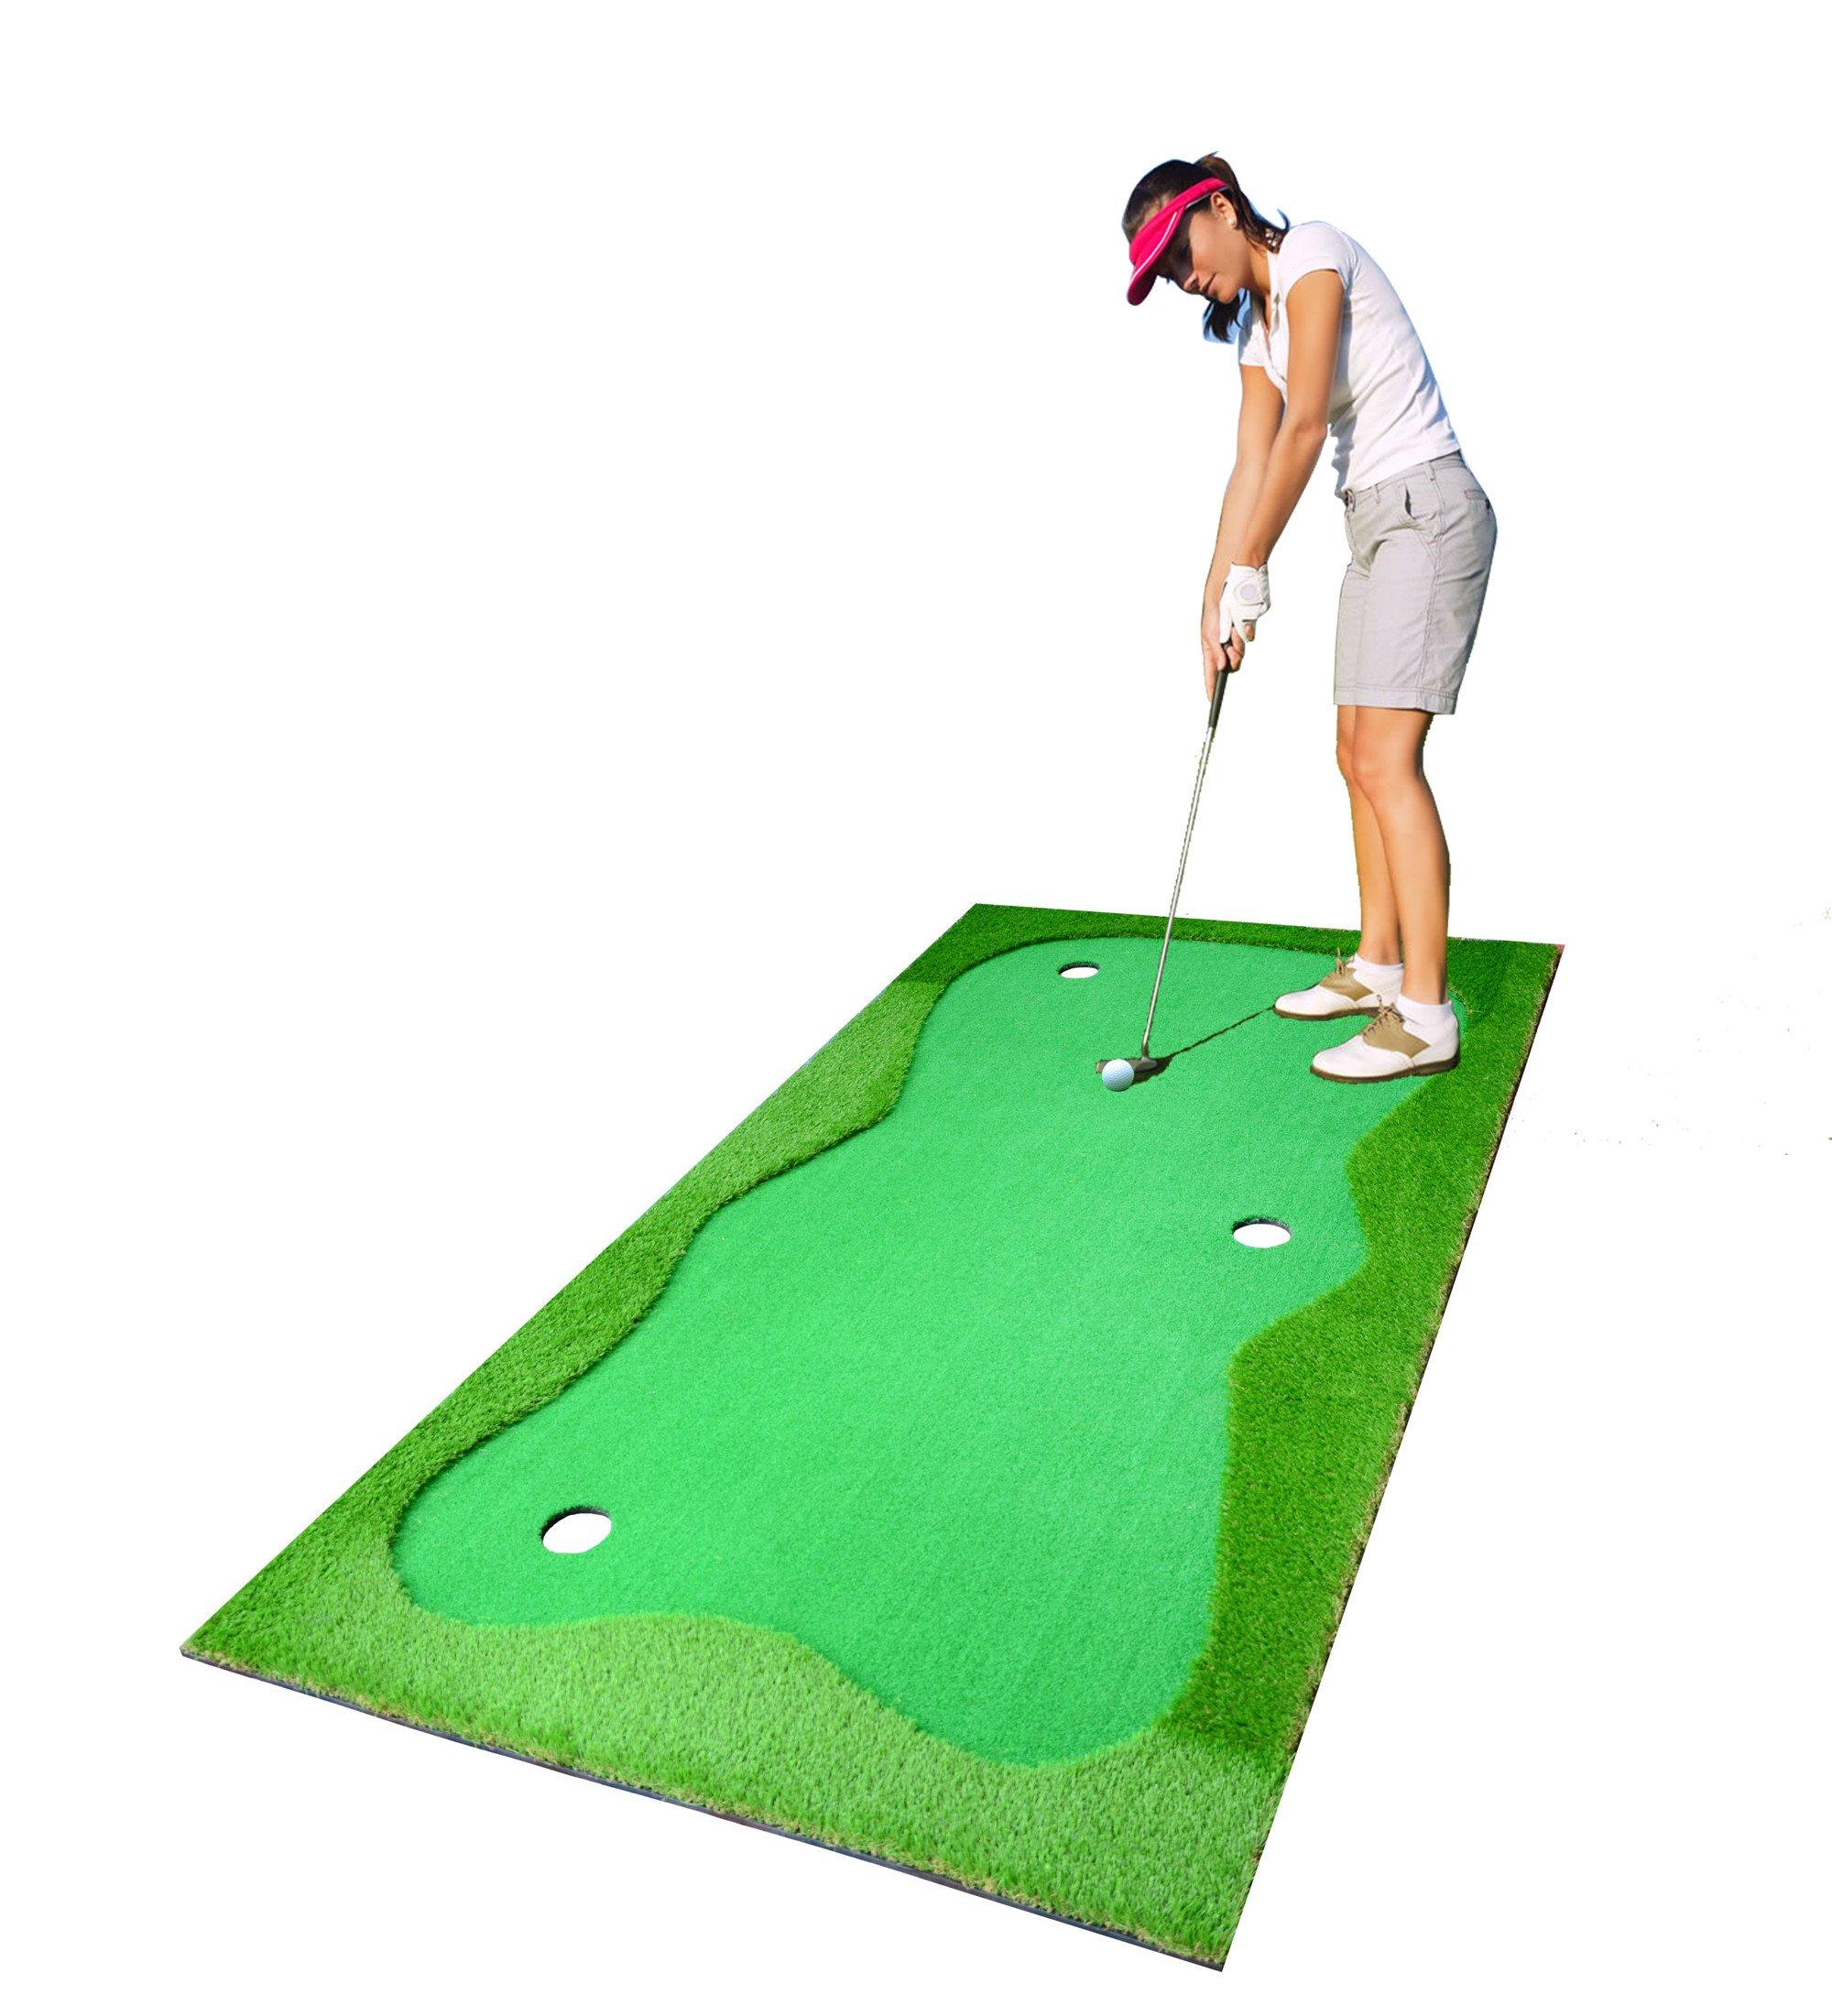 77tech Large Artificial Grass Golf Putting Green Mat Indoor/Outdoor Golf Training Aid Equipment Mat (3.3x10ft) by 77tech